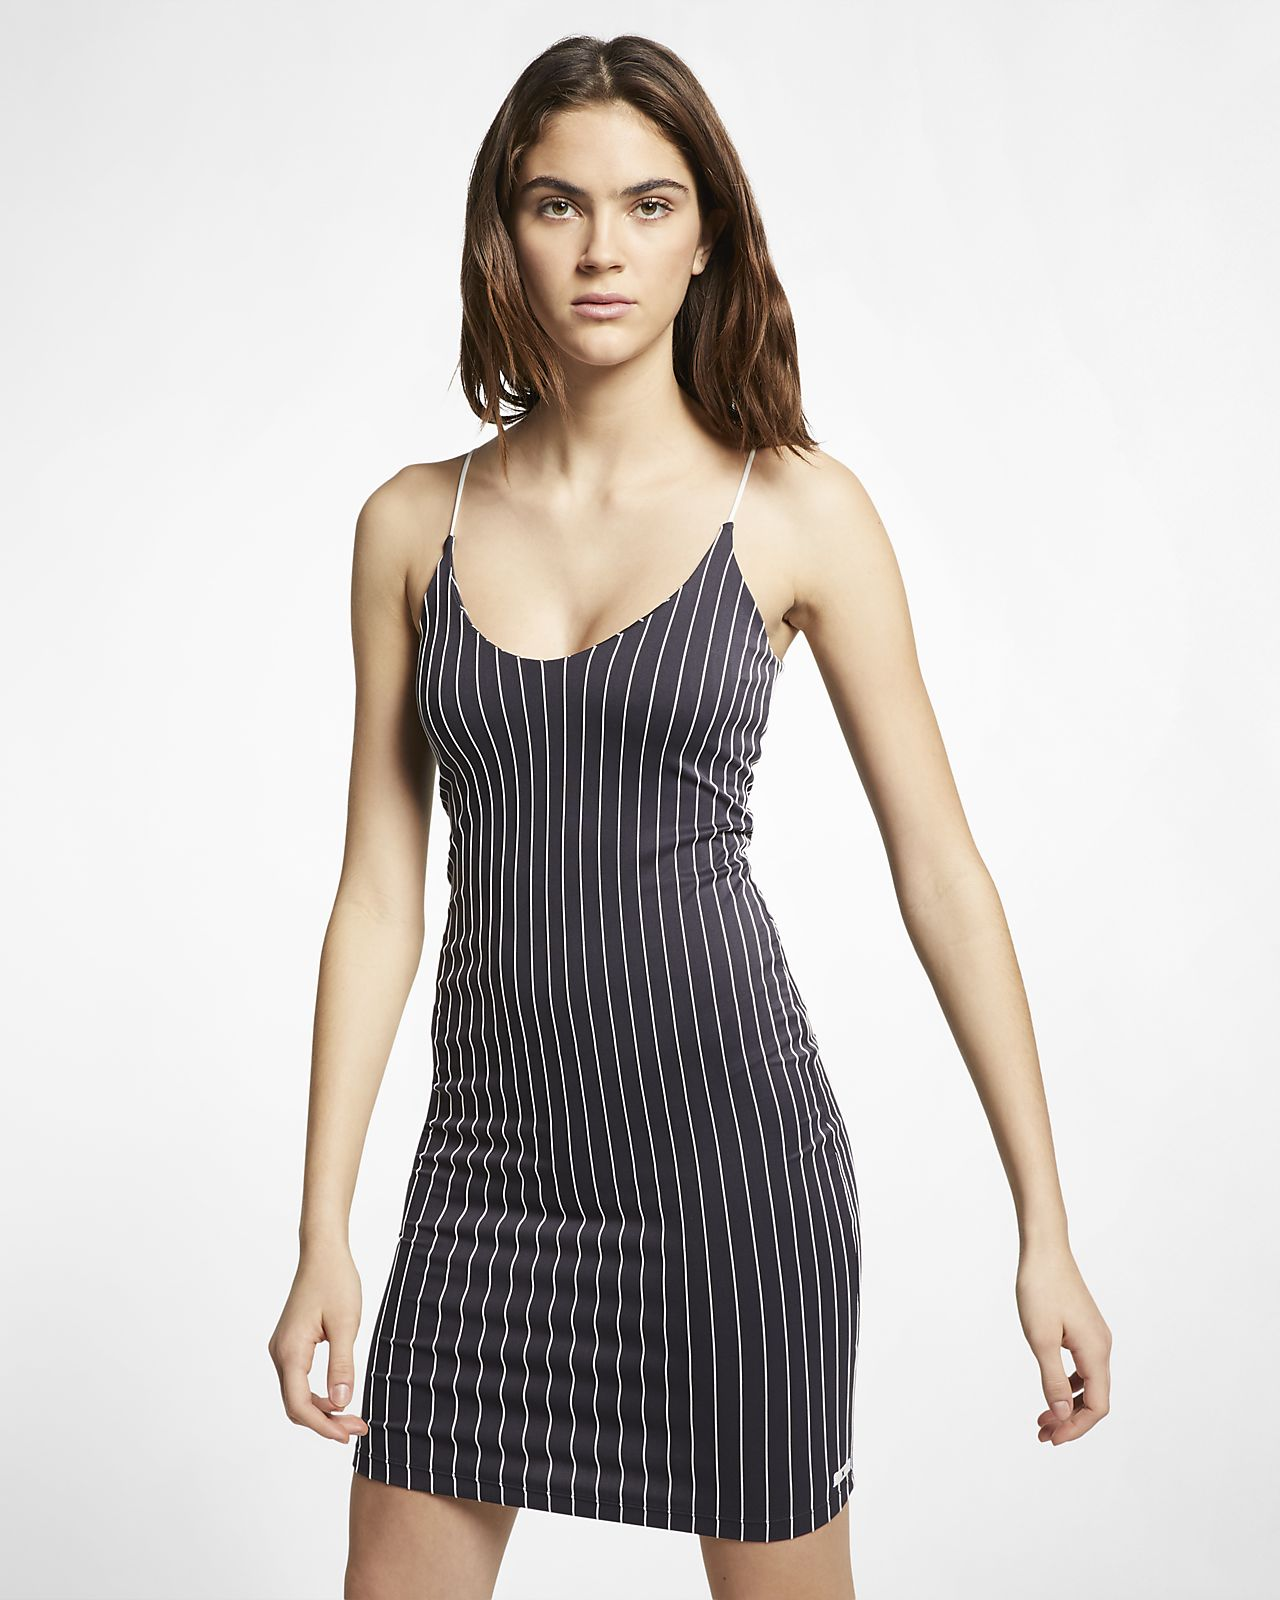 d284e36d0 Vestido para mujer Hurley Quick Dry Rise. Nike.com MX